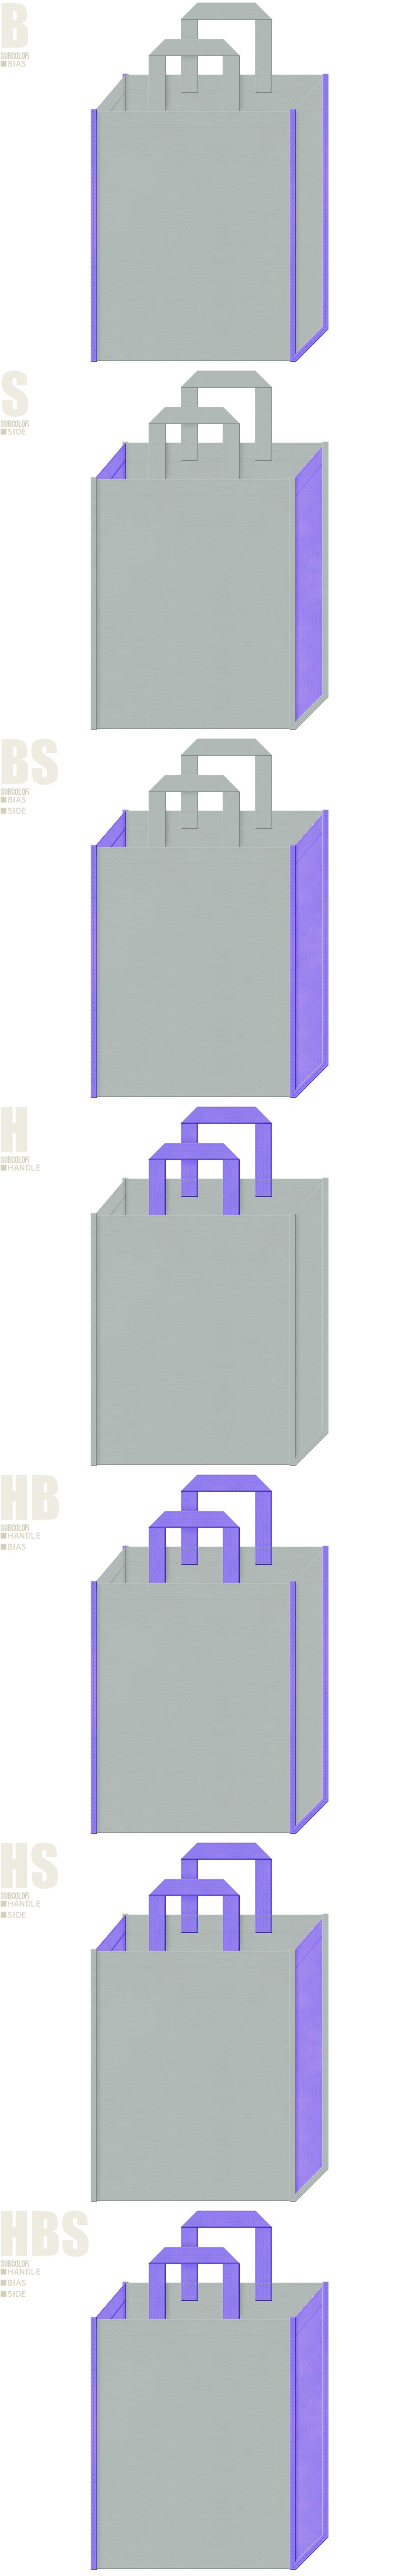 ロボット・ラジコン・プラモデル・ホビーの展示会用バッグにお奨めの不織布バッグデザイン:グレー色と薄紫色の配色7パターン